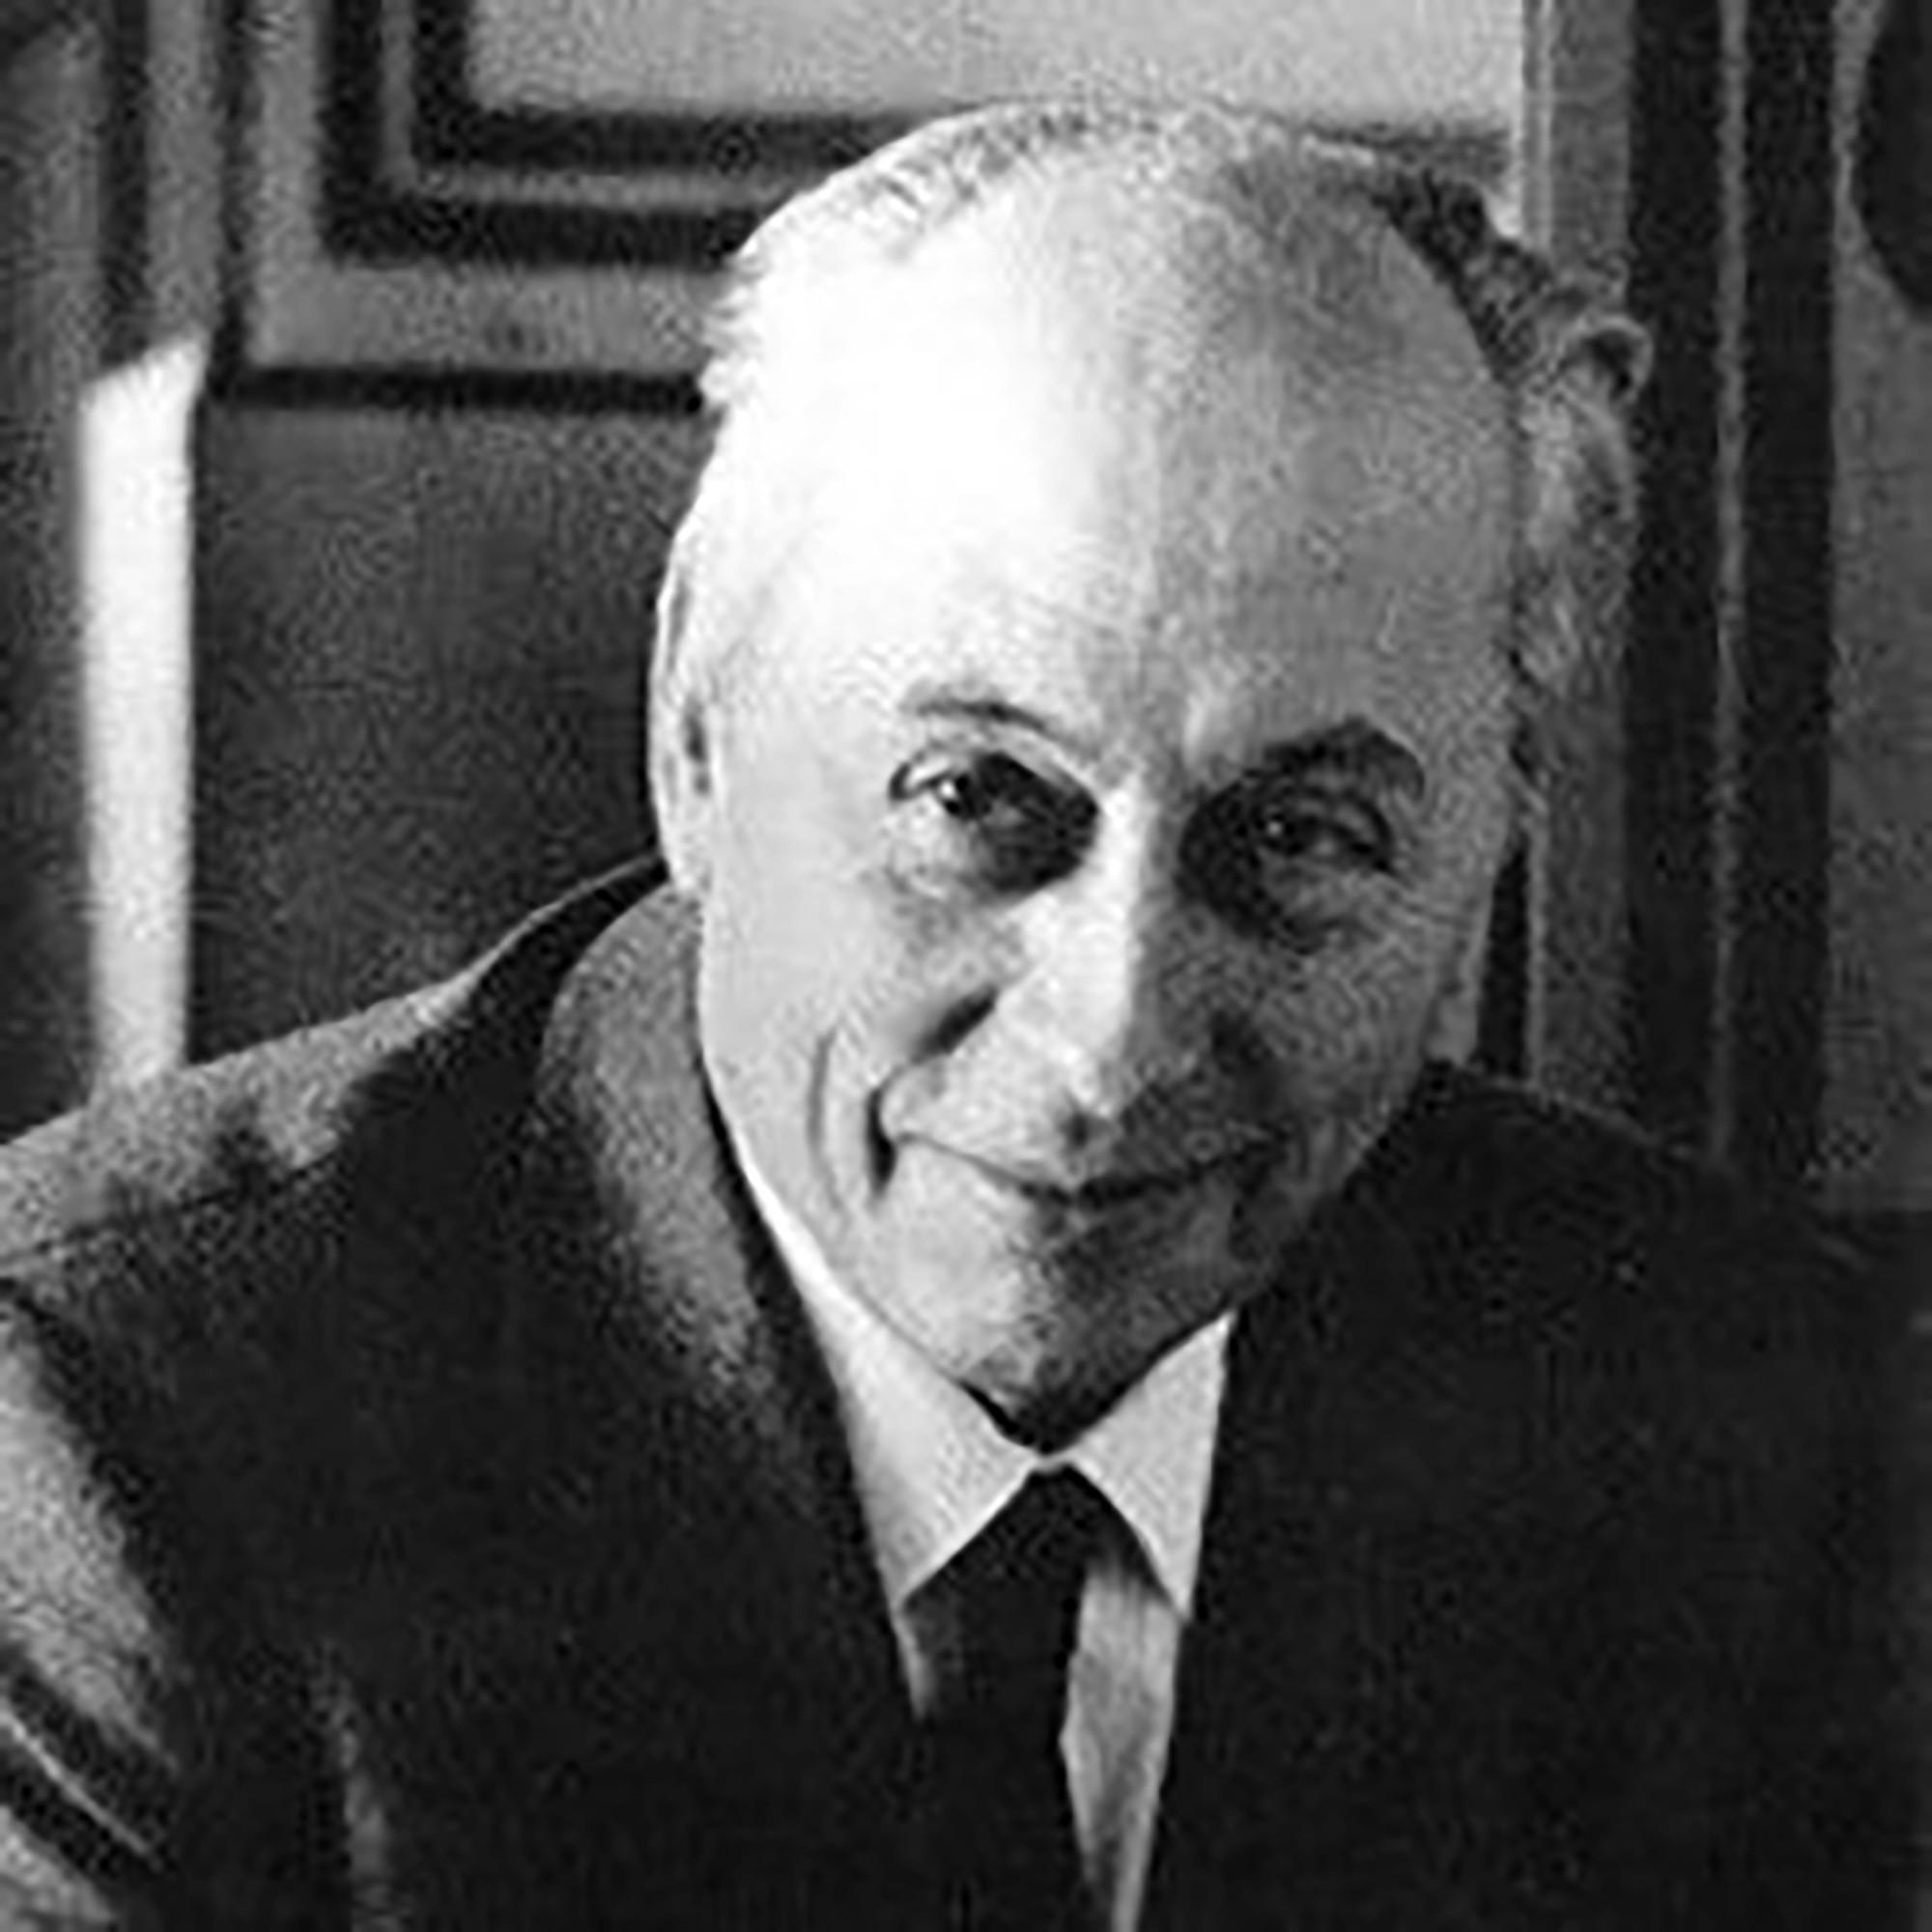 Osvaldo Borsani (1911-1985)